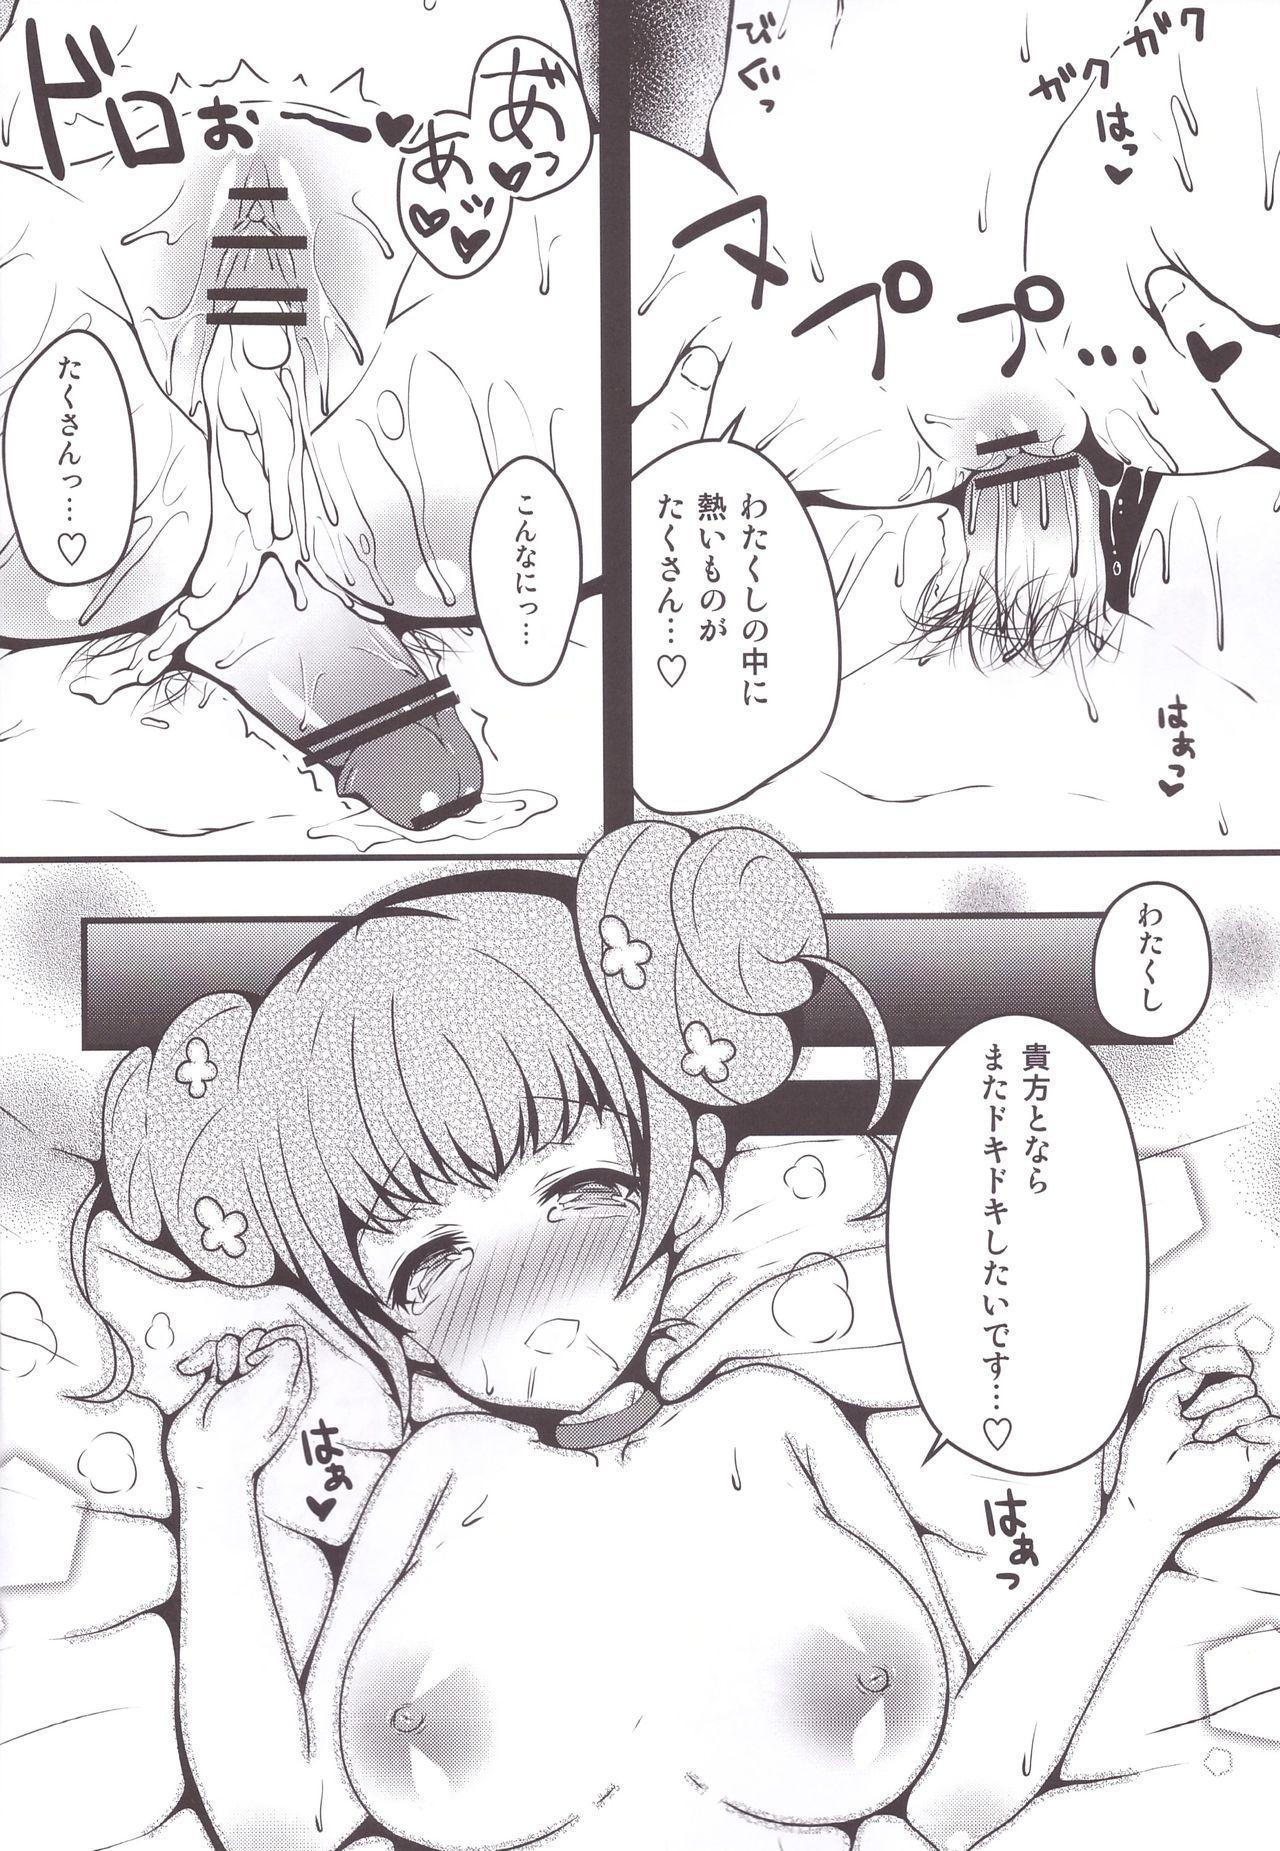 Arisu-chan to dokidoki shitai! 19